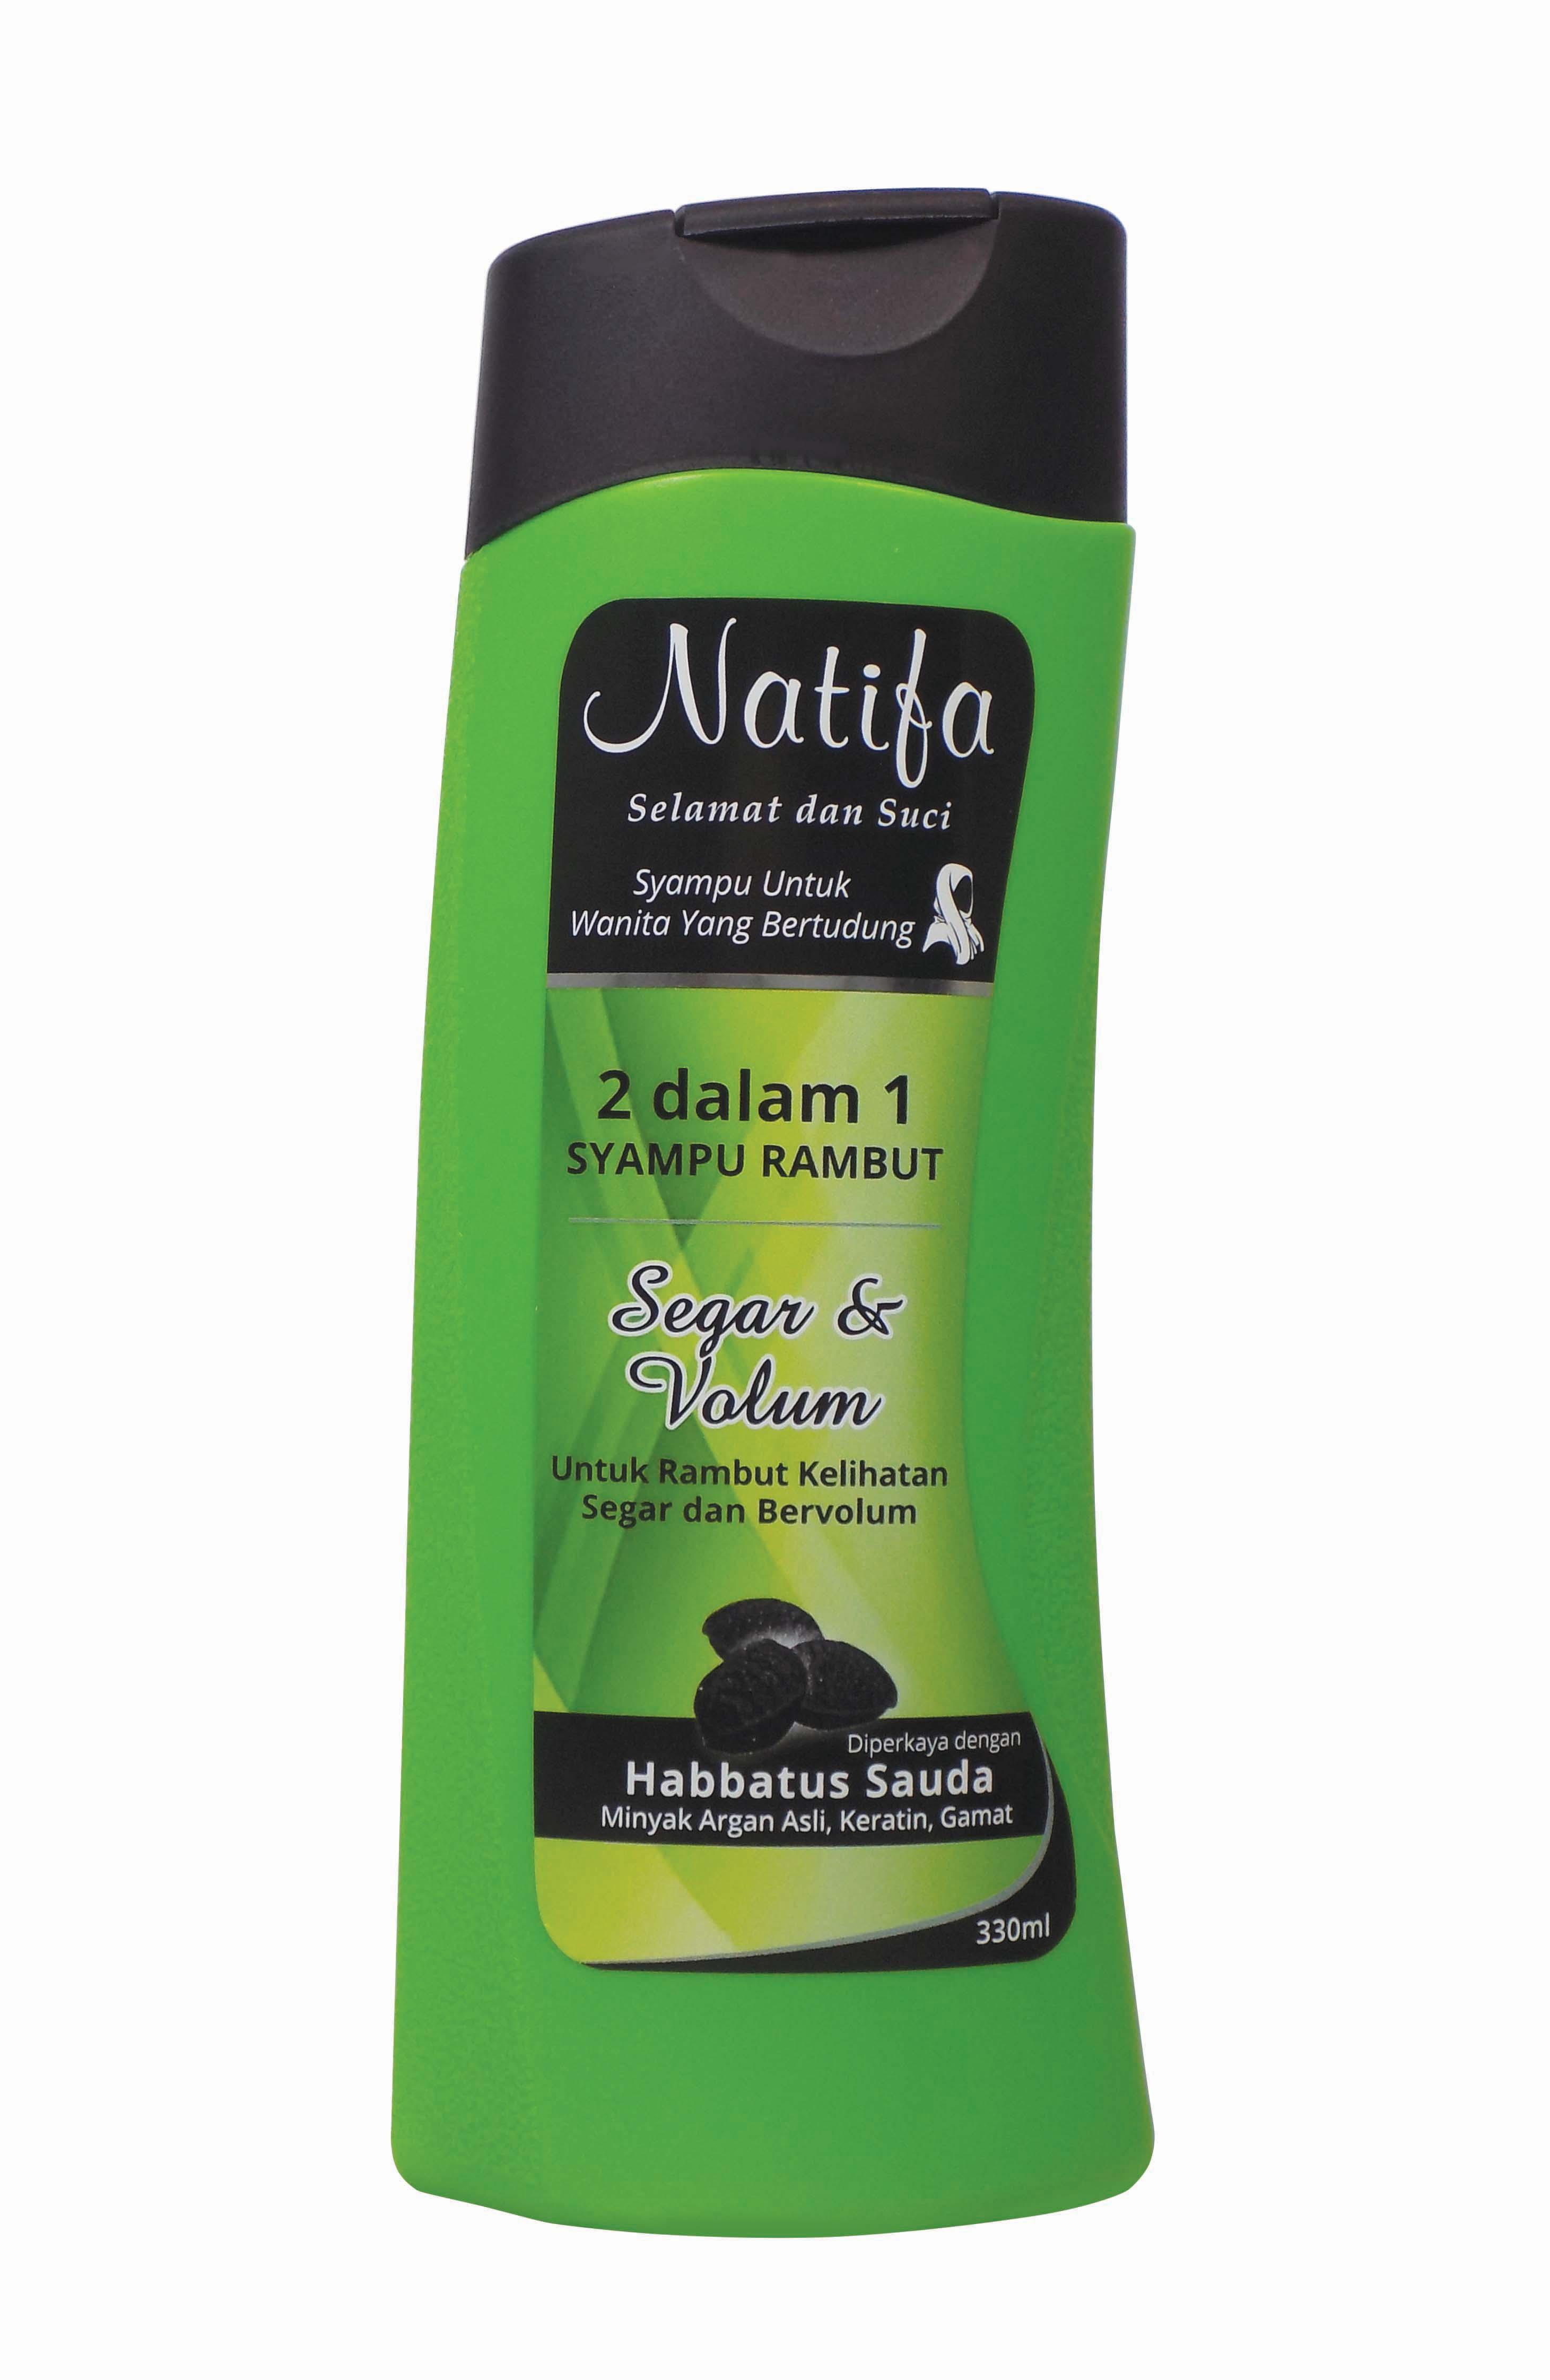 Natifa 2 Dalam 1 Syampu untuk Wanita Yang Bertudung  SERAR DAN VOLUM  (330ml)